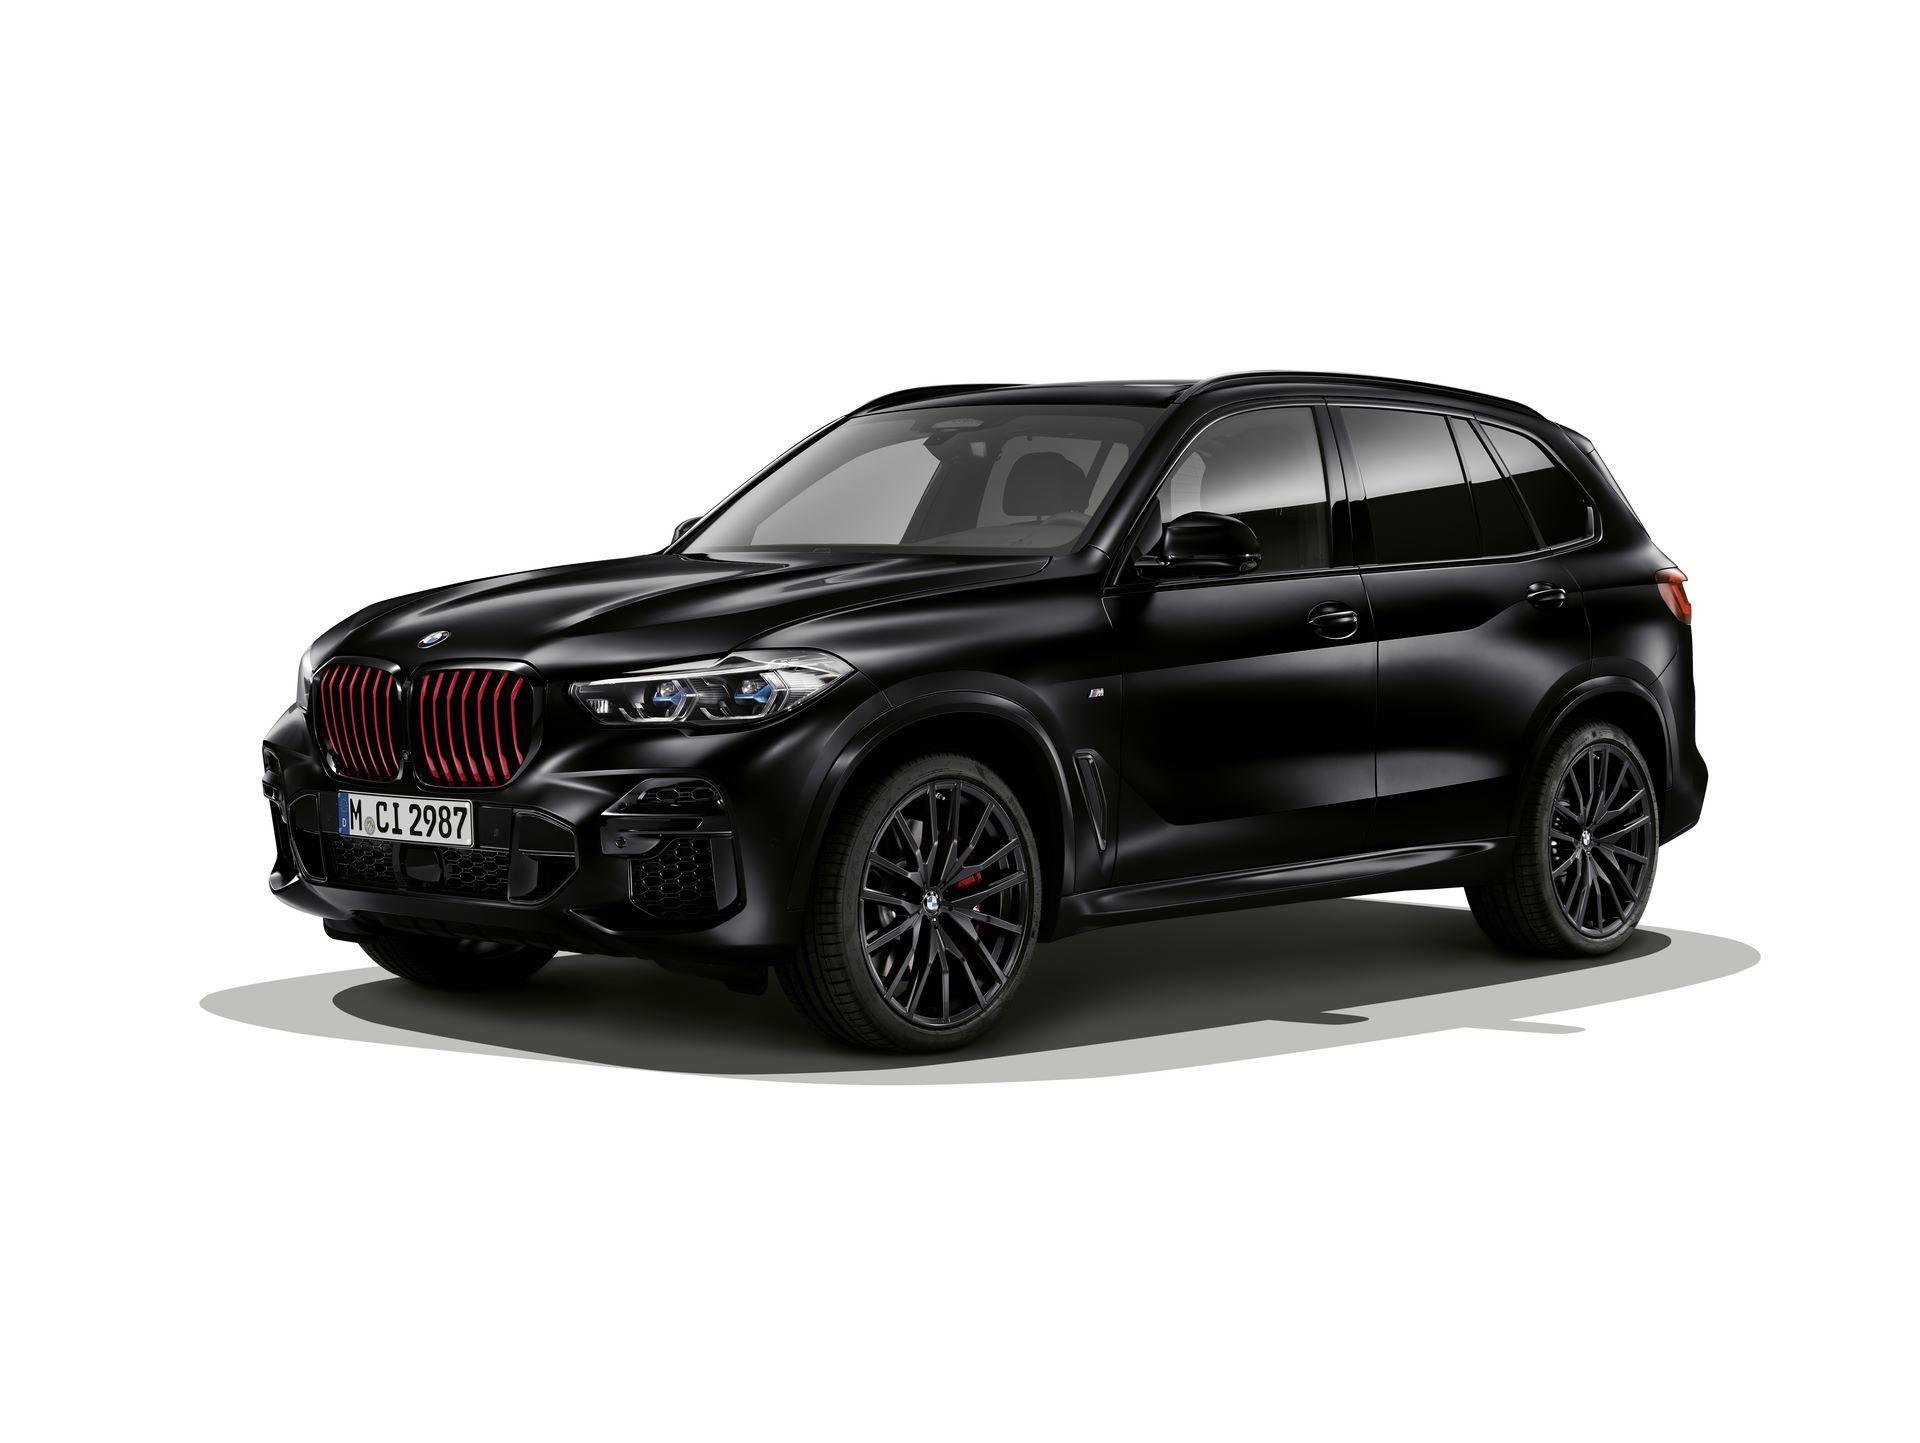 BMW-X5-Χ6-Black-Vermilion-X7-Limited-Edition-31